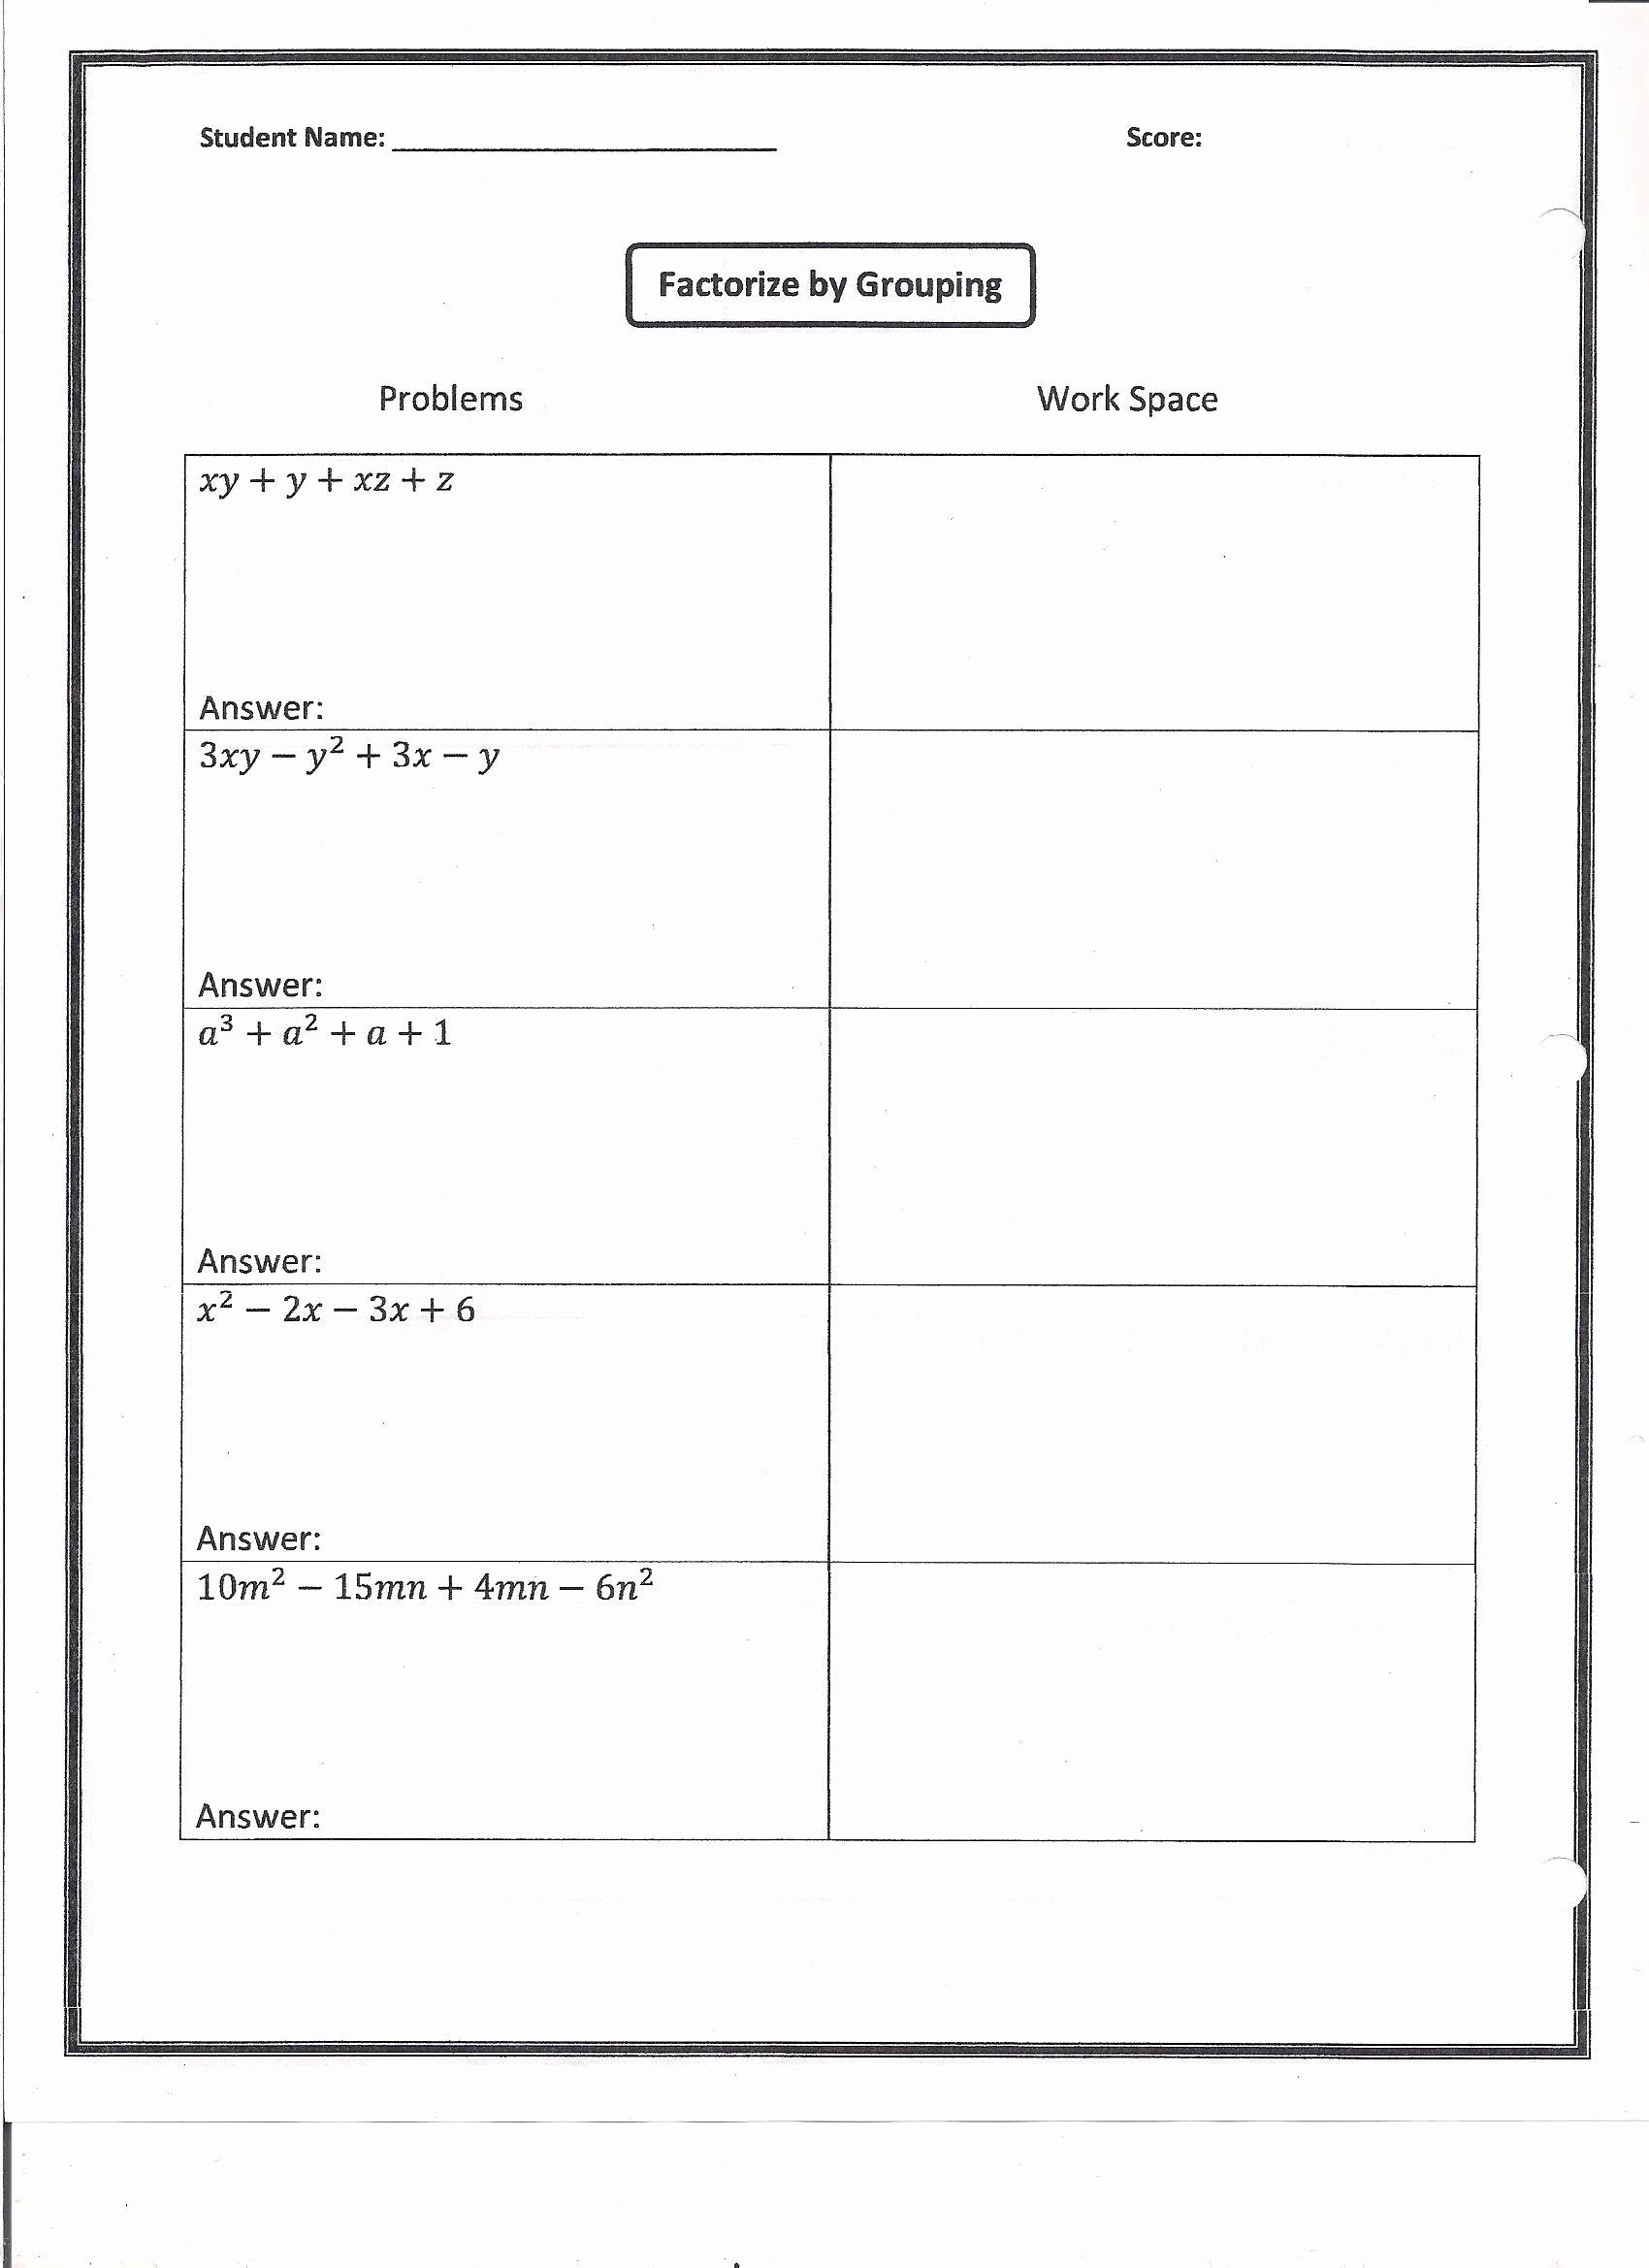 Factor by Grouping Worksheet Beautiful Factoring Homework Worksheet